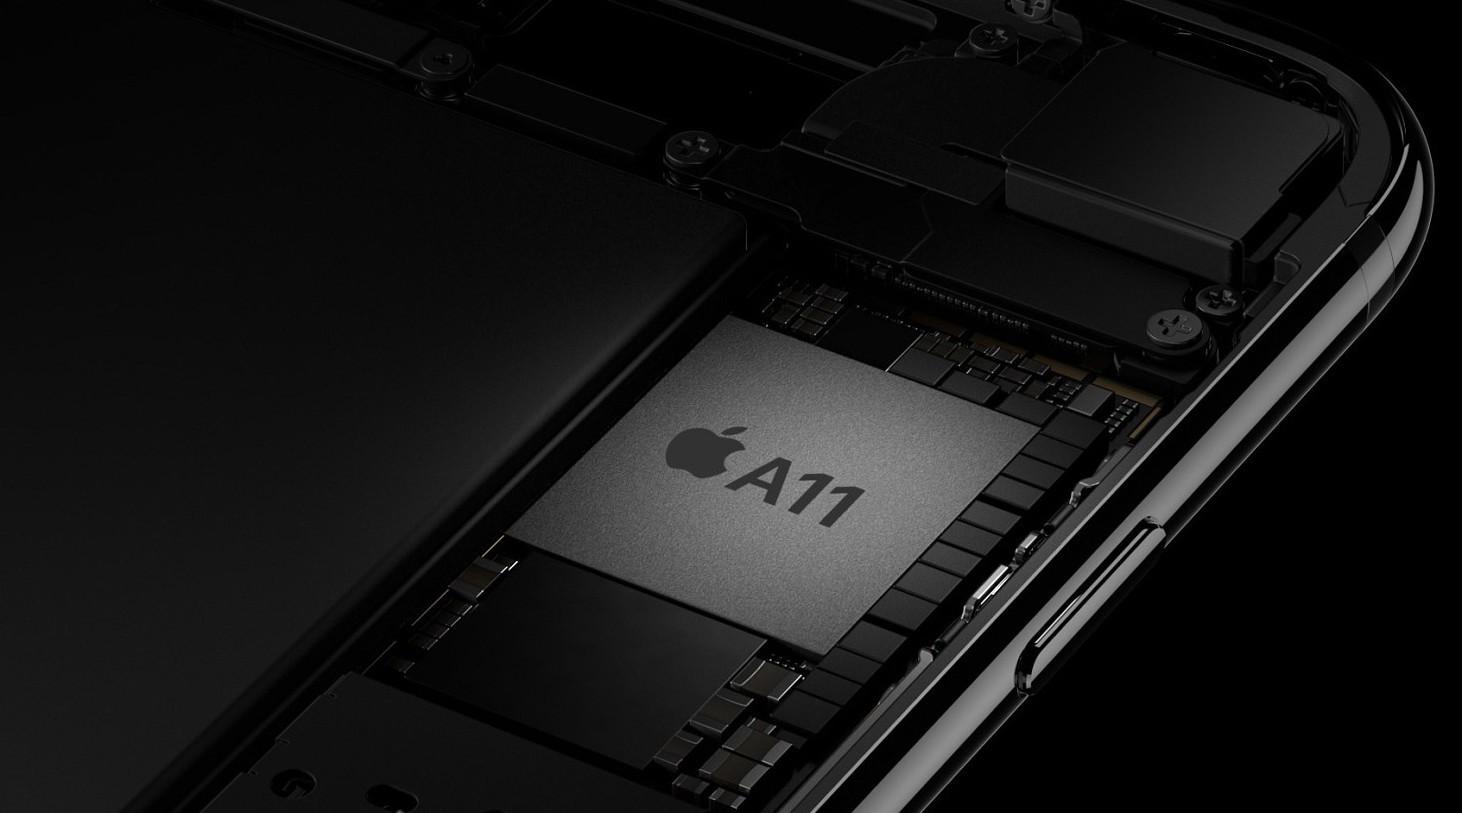 Evento Apple oggi martedì aggiornamenti